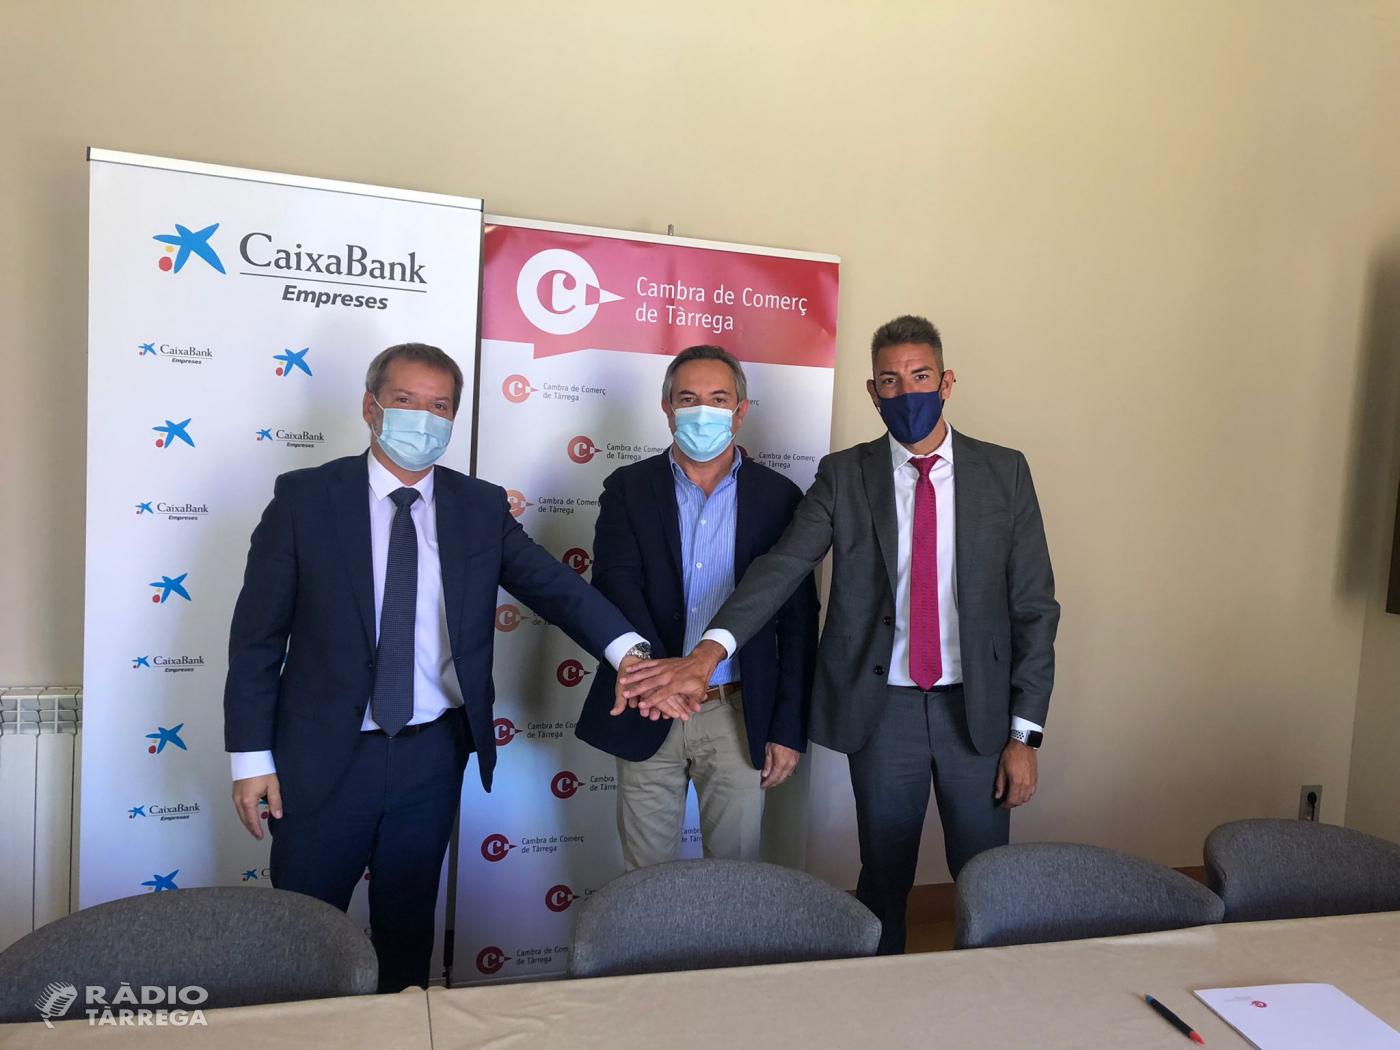 La Cambra de Comerç de Tàrrega i Caixabank, donaran suport a projectes empresarials del pla de Lleida en el marc del pla europeu de recuperació